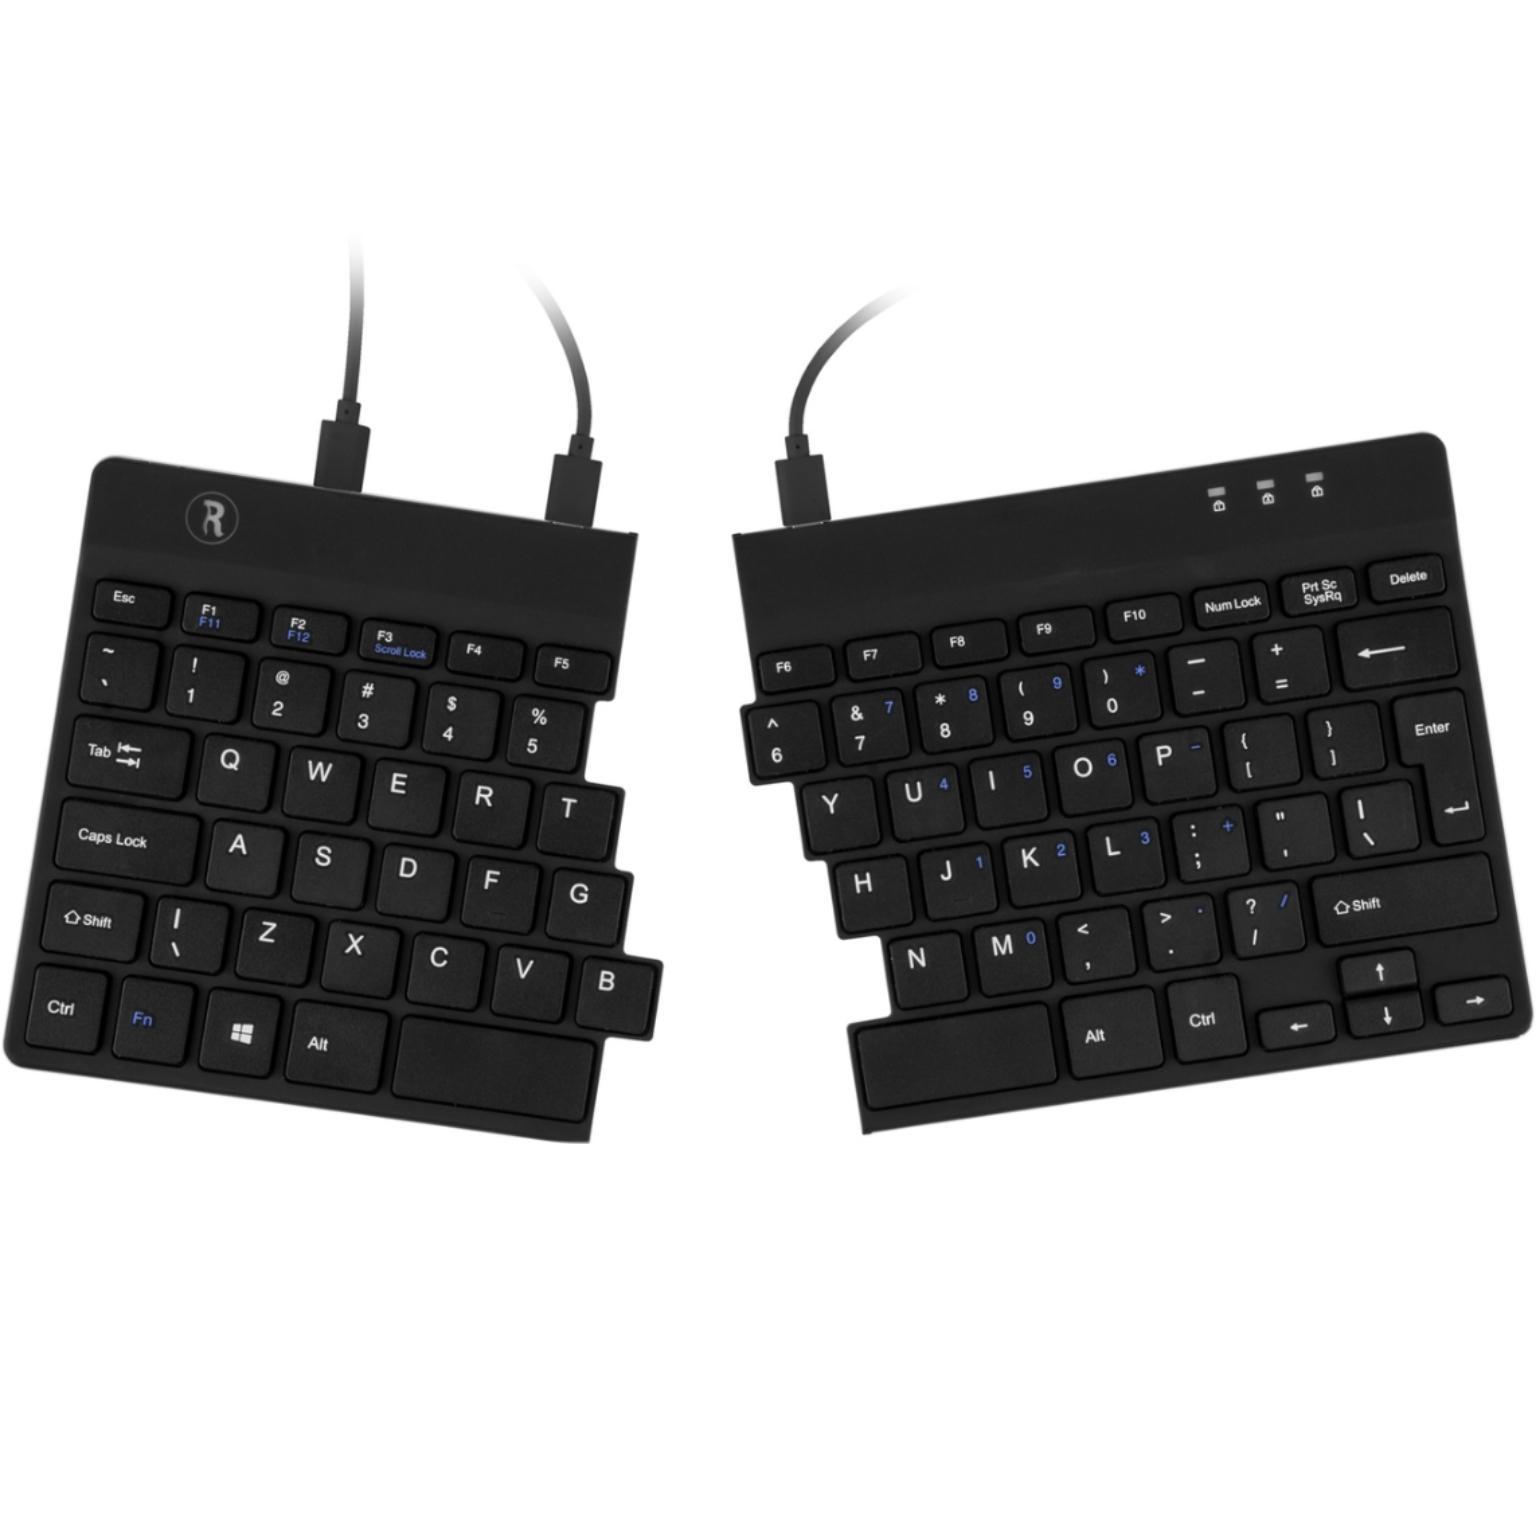 Bedraad toetsenbord R-GO R-GO